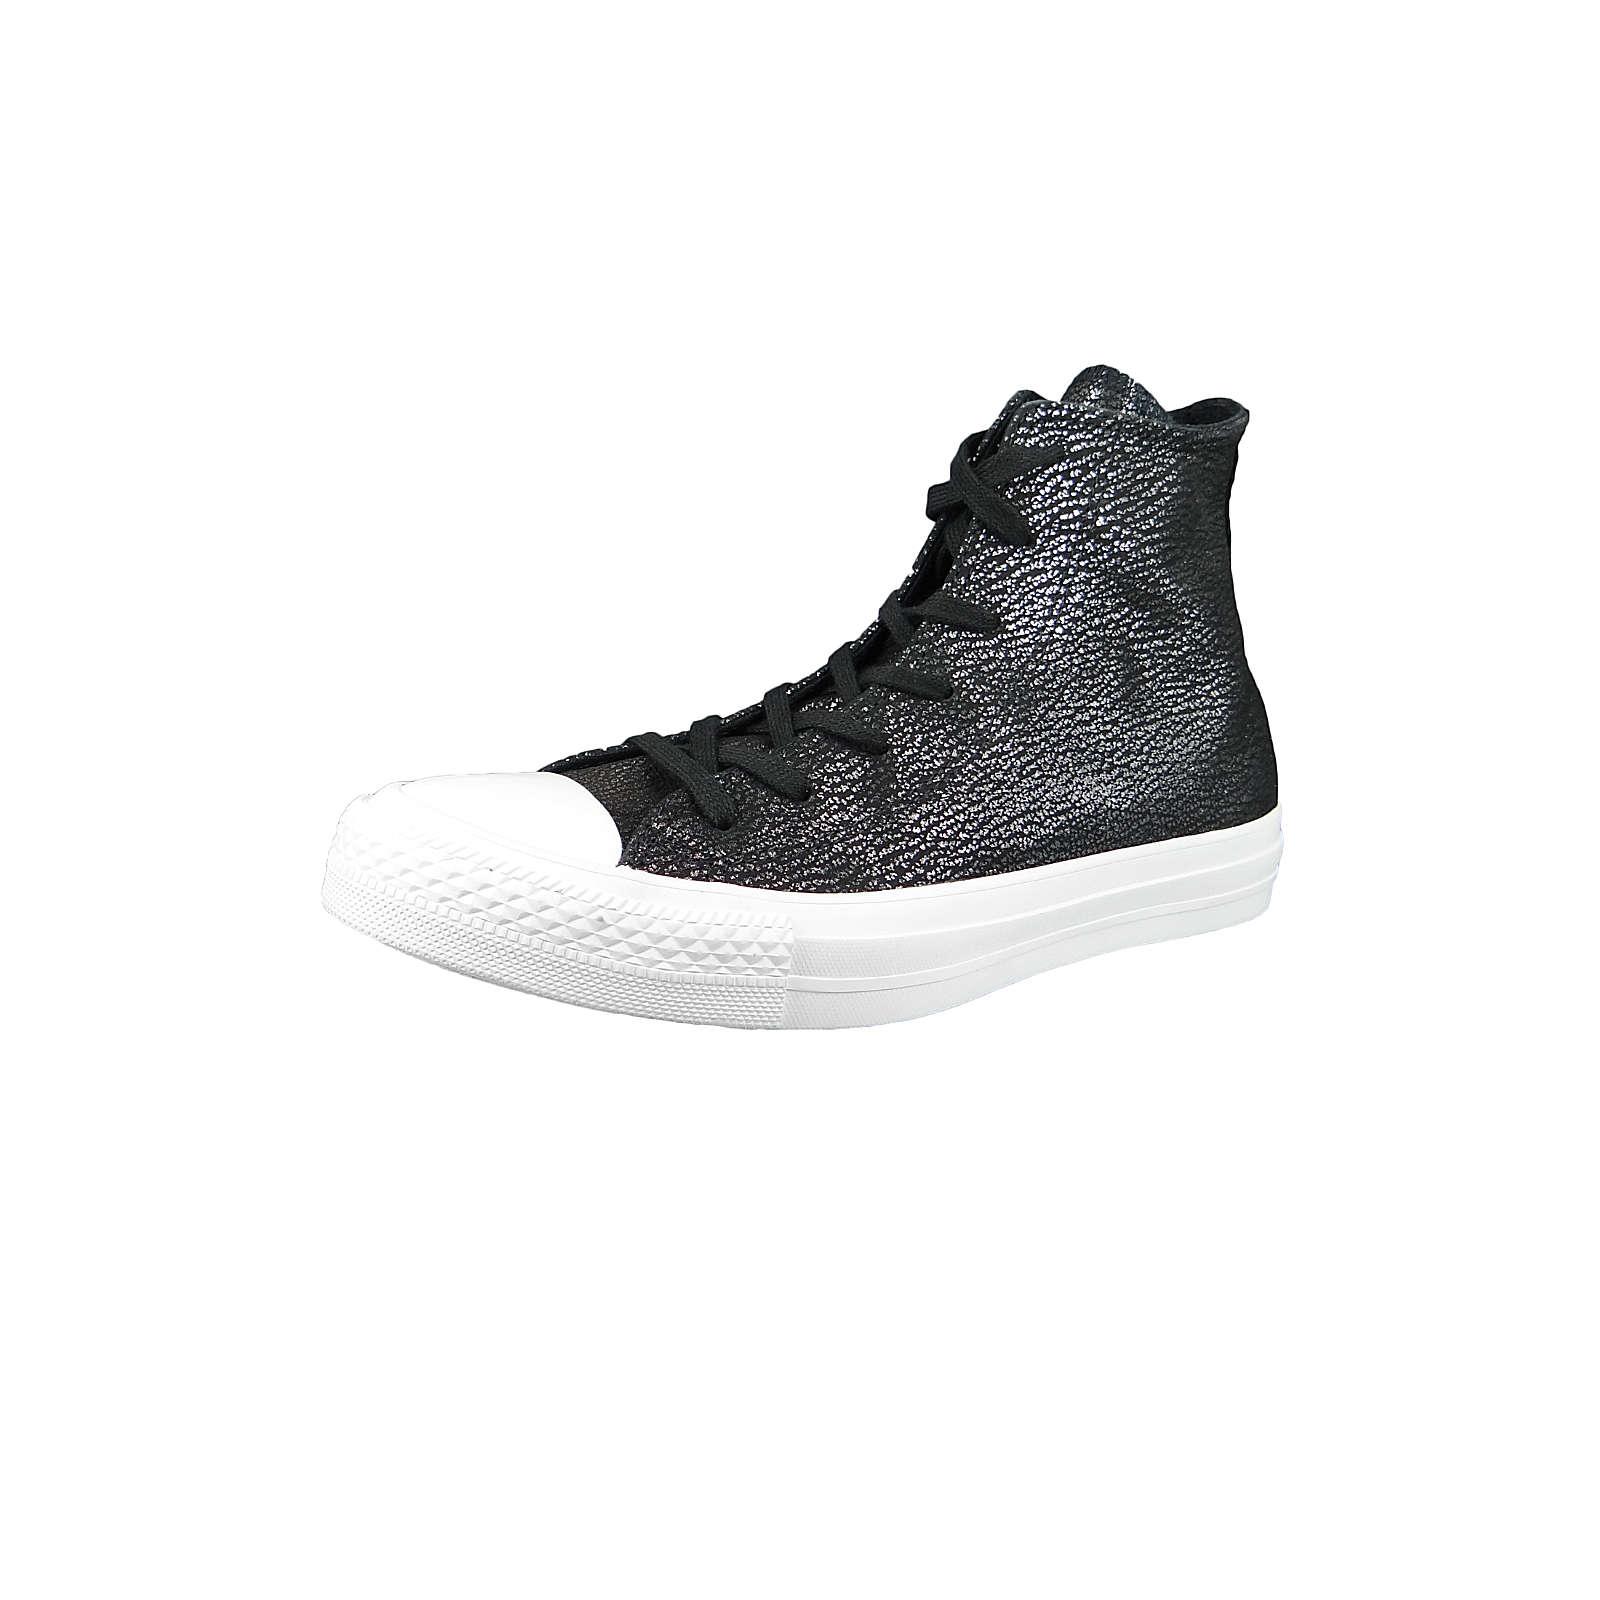 CONVERSE Chuck Taylor All Star HI Sneakers High schwarz Damen Gr. 40